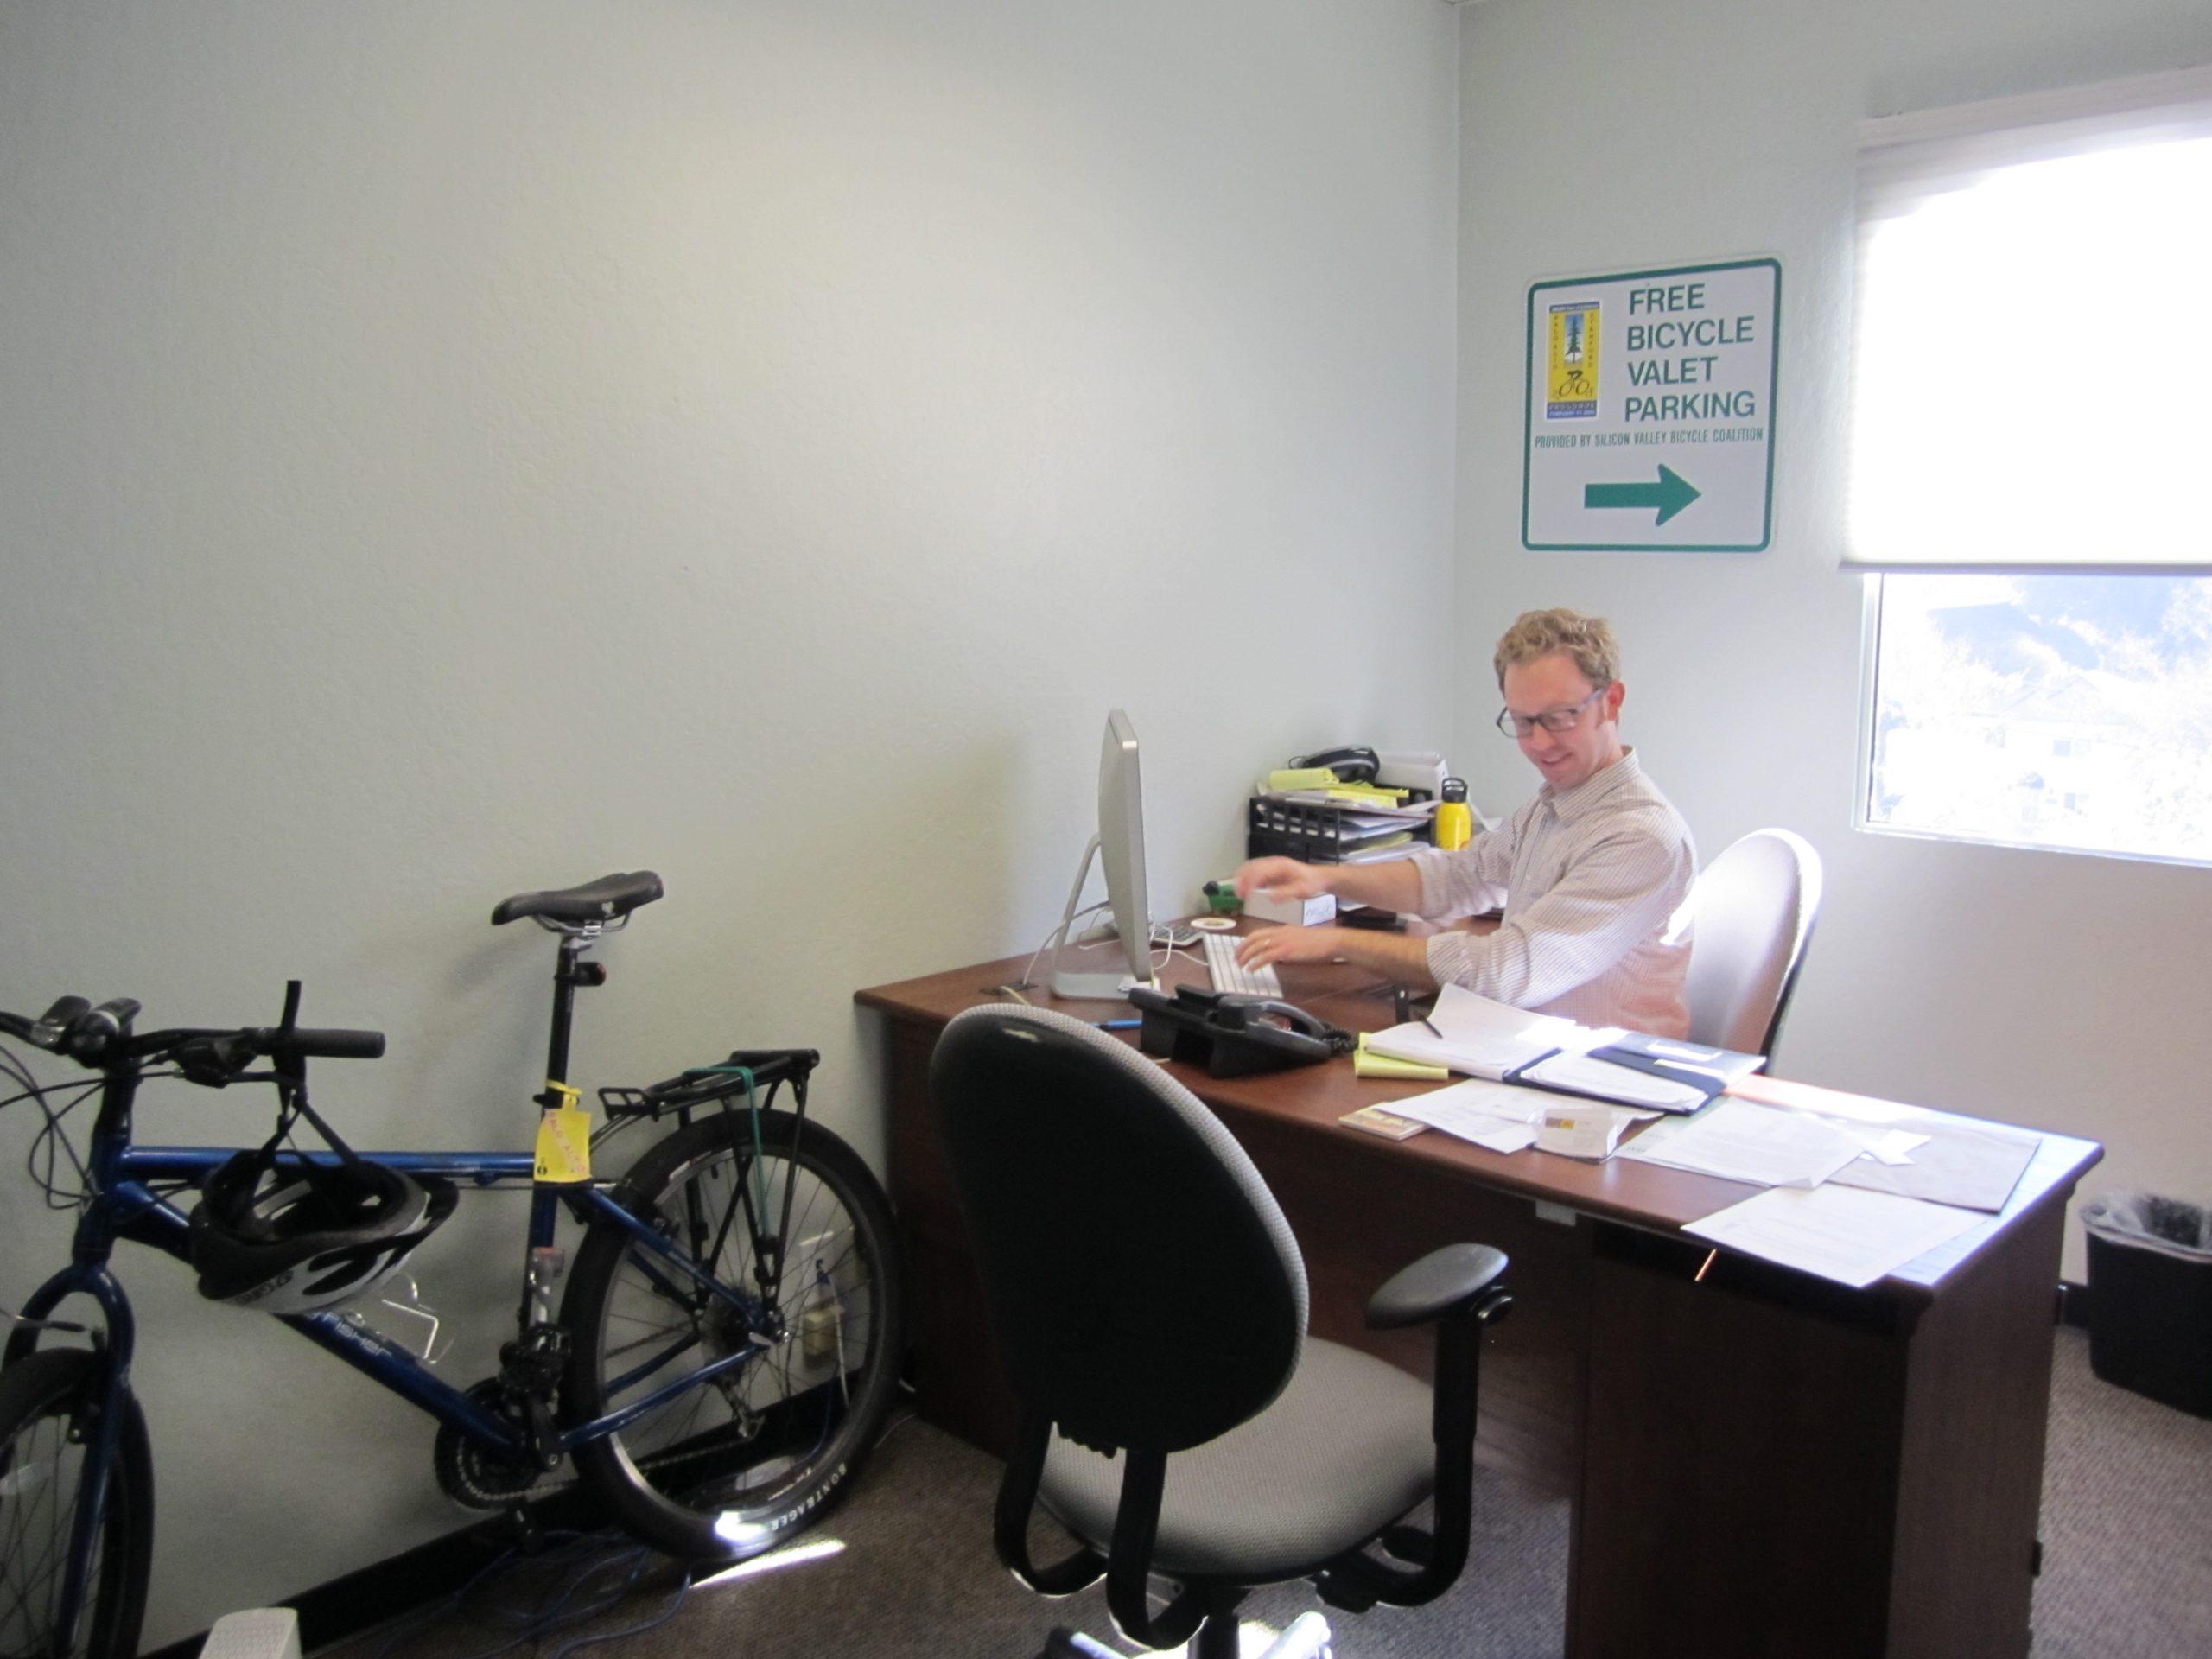 Kadang sepeda di kantor tidak diketahui istri